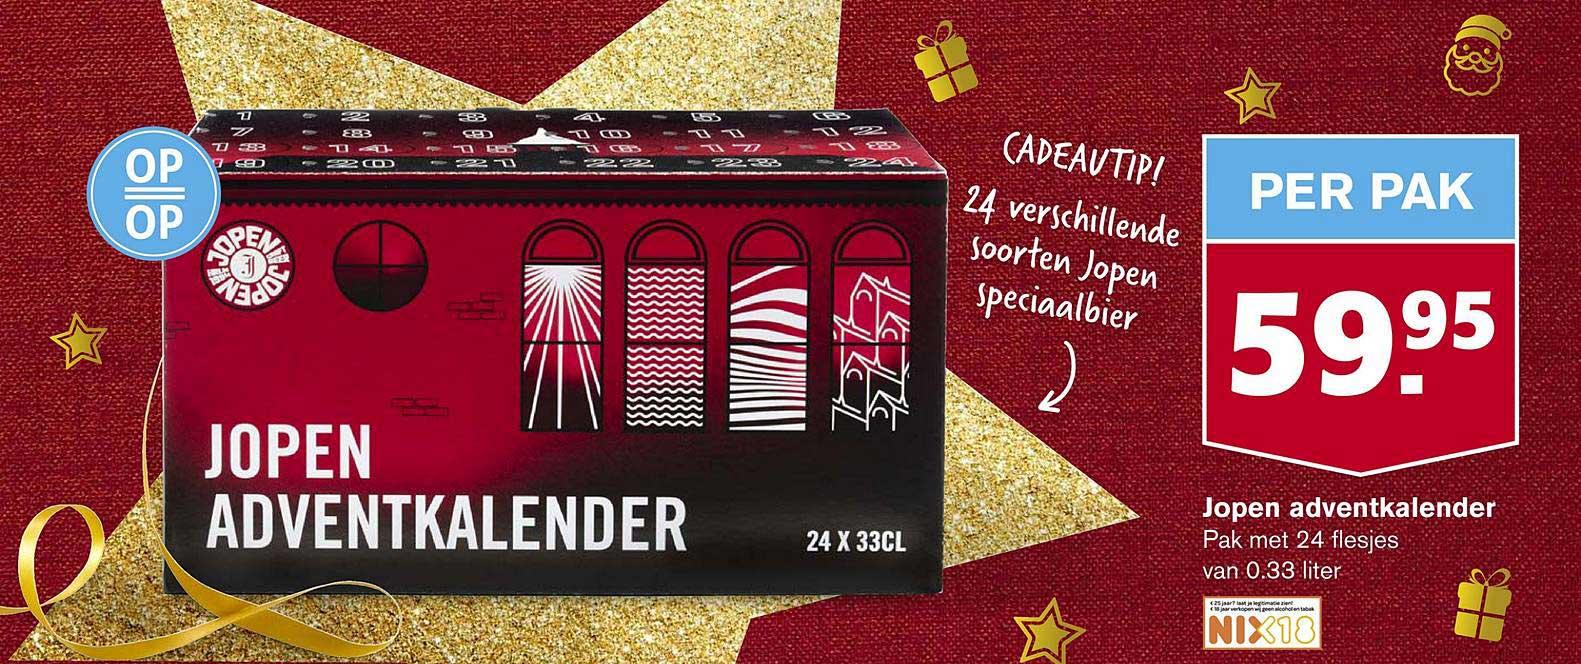 Hoogvliet Jopen Adventkalender